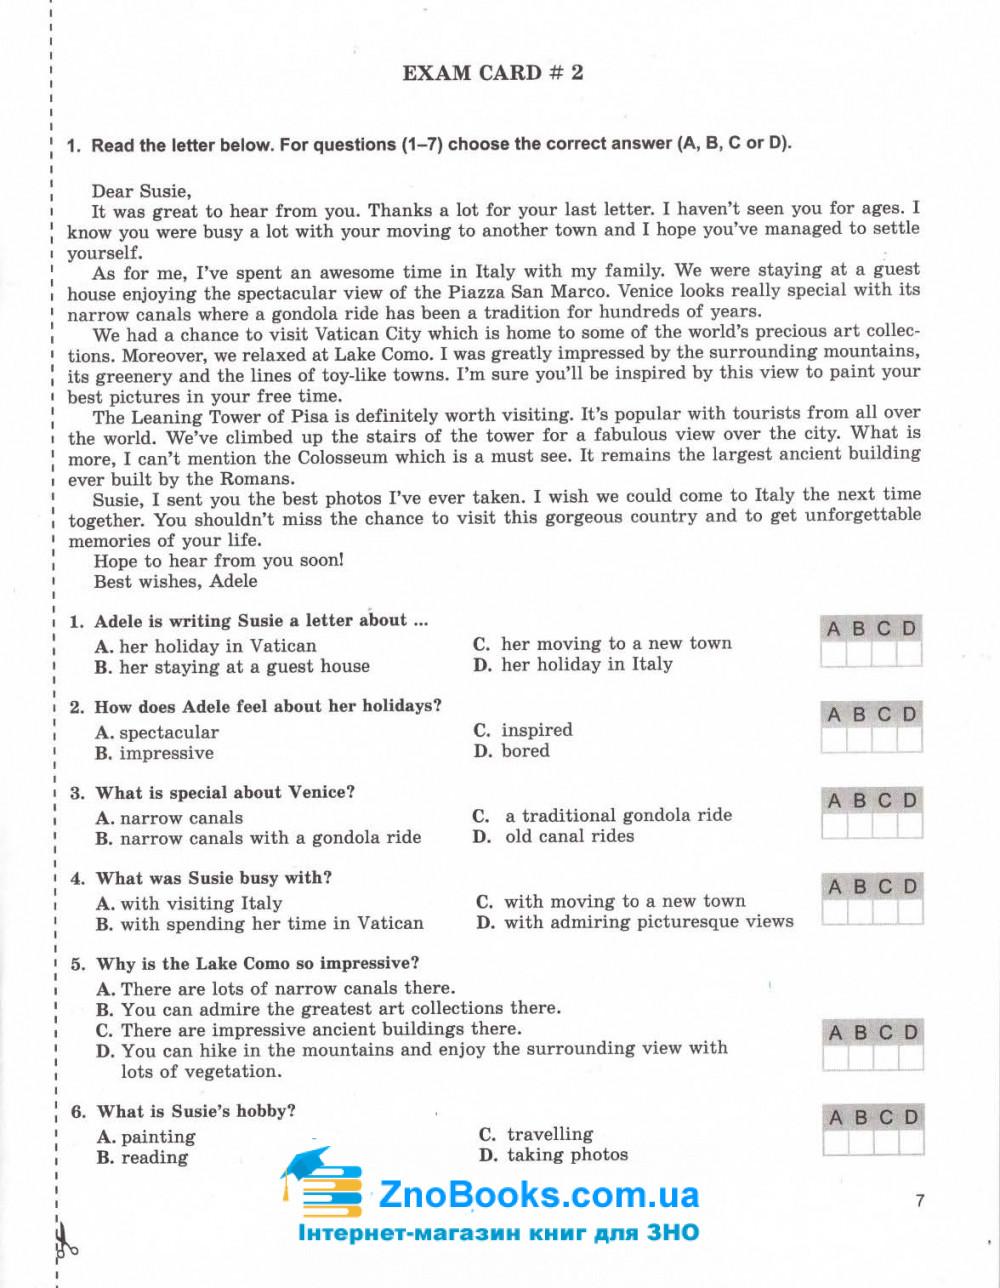 ДПА 9 клас 2020 англійська мова. Збірник завдань : Куриш С., Войтоловська С., Моспан Н. Генеза. Купити 7